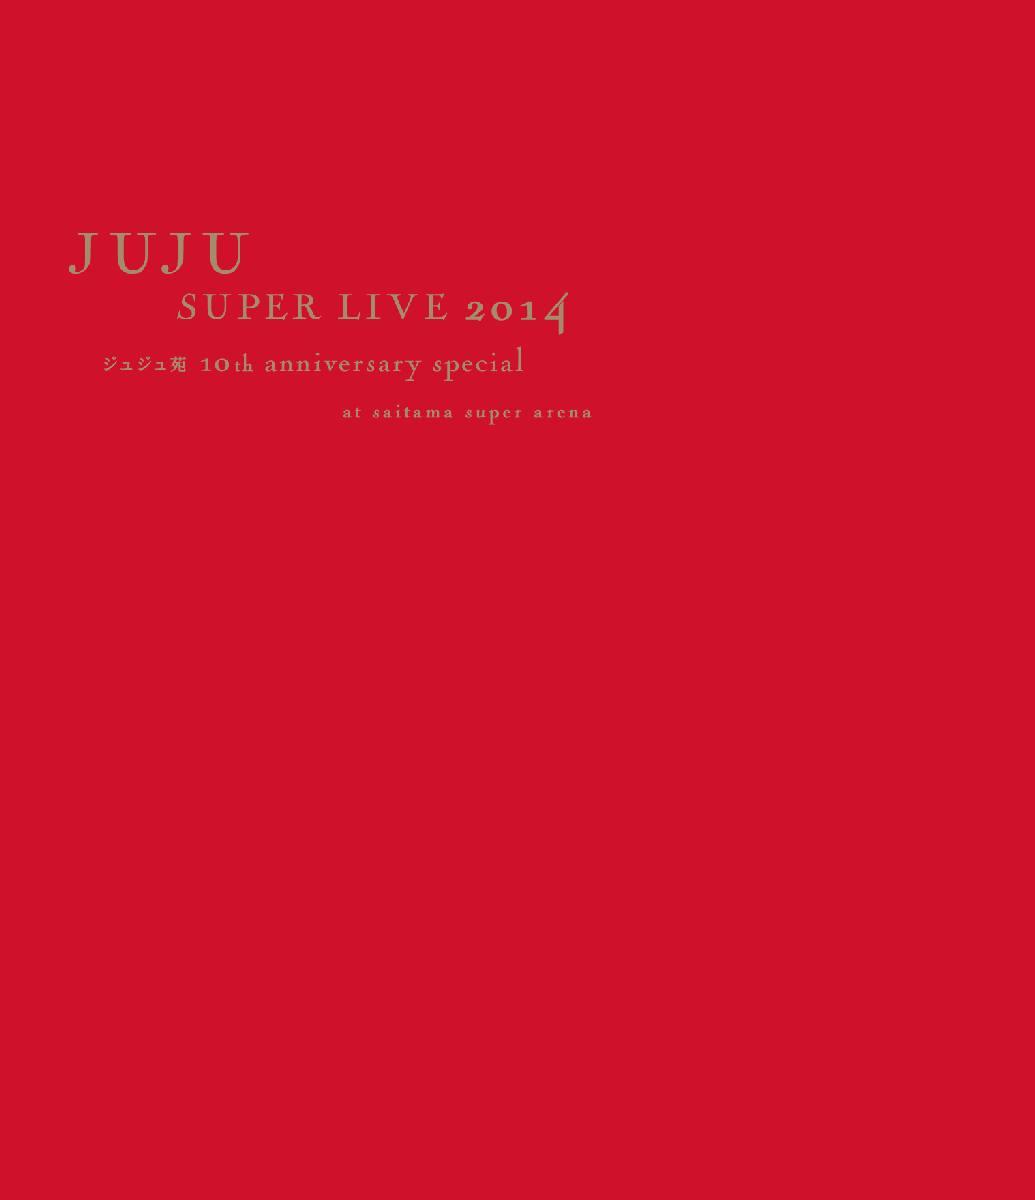 JUJU SUPER LIVE 2014 -ジュジュ苑 10th Anniversary Special- at SAITAMA SUPER ARENA【Blu-ray】 [ JUJU ]